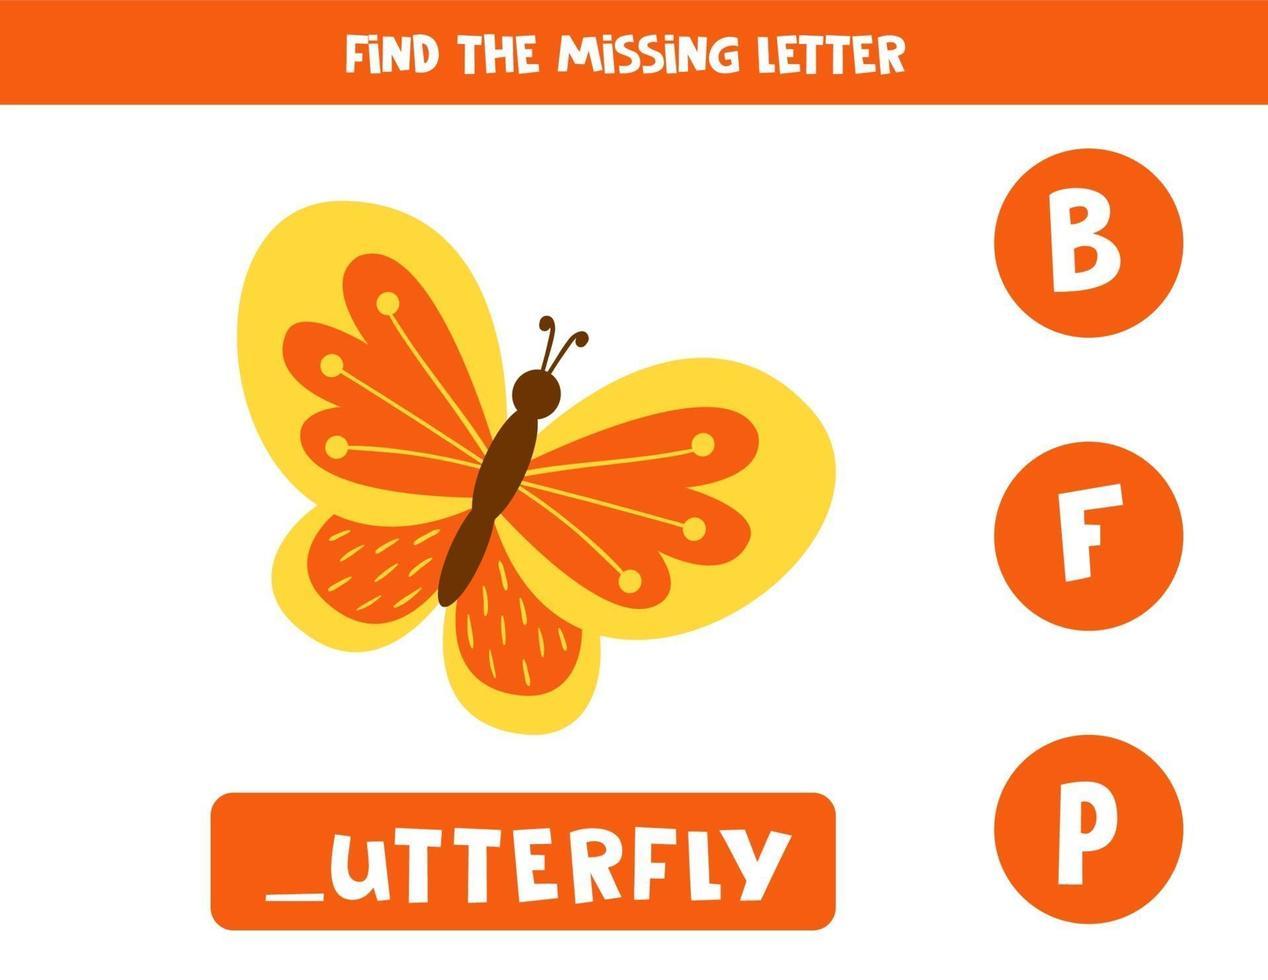 Finde den fehlenden Brief und schreibe ihn auf. süßer Cartoon-Schmetterling. vektor